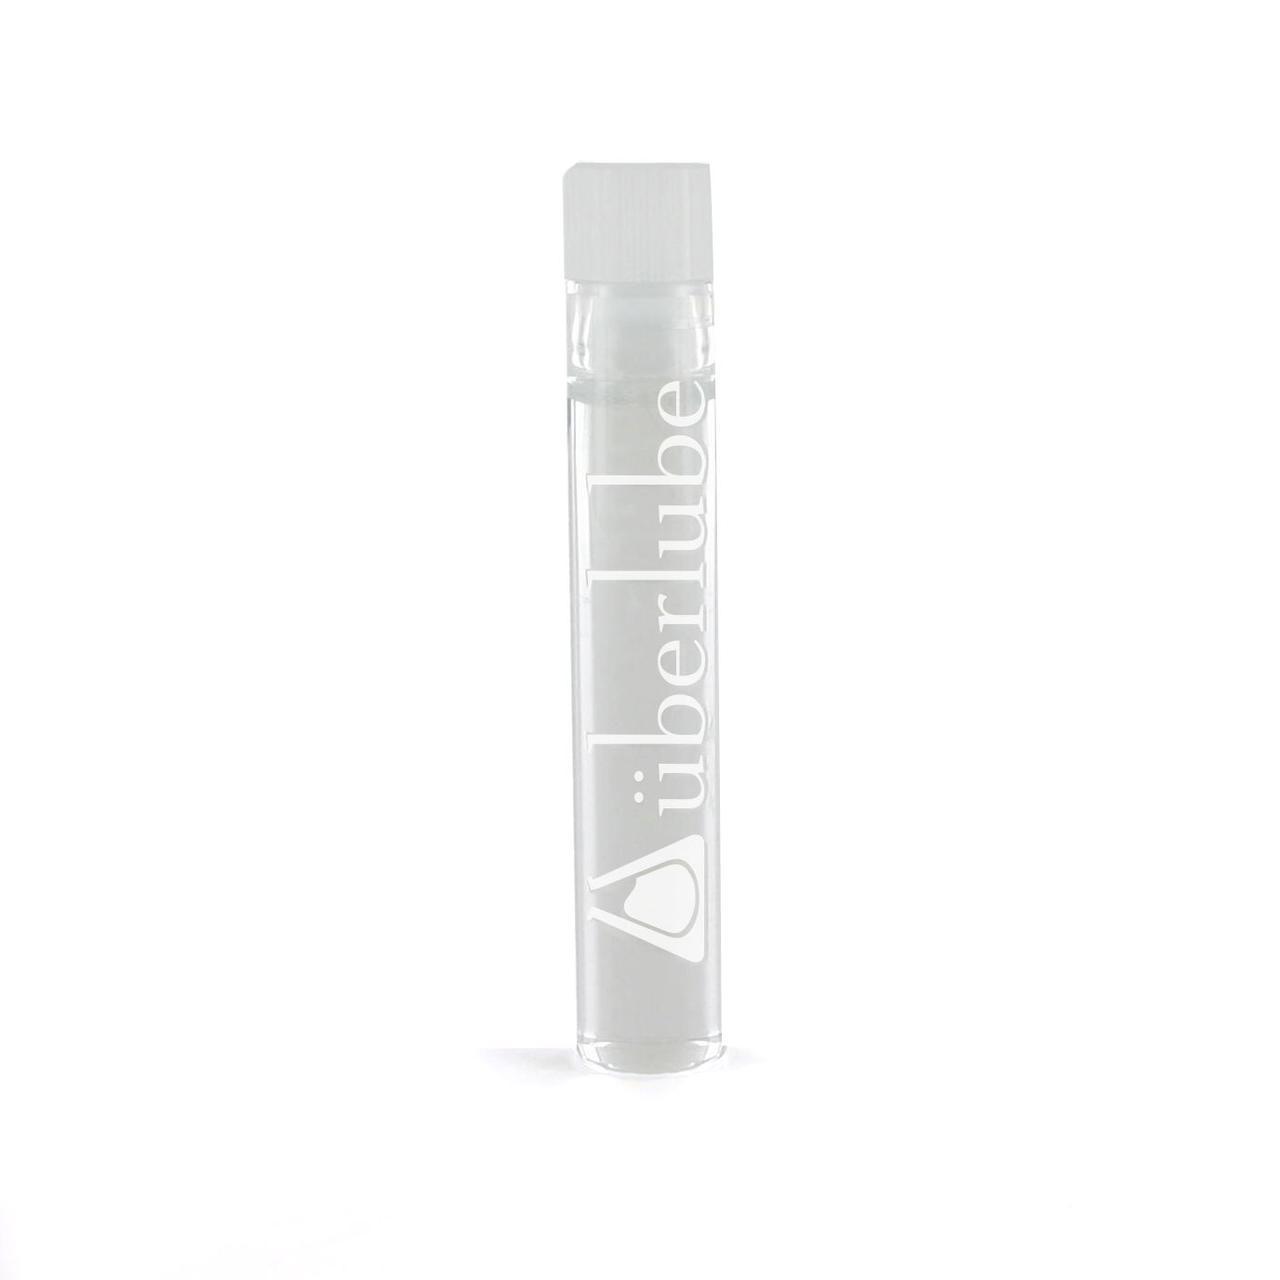 Премиум лубрикант 3-в-1 на силиконовой основе Uberlube (3,7 мл) для секса, ухода за телом и волосами 18+